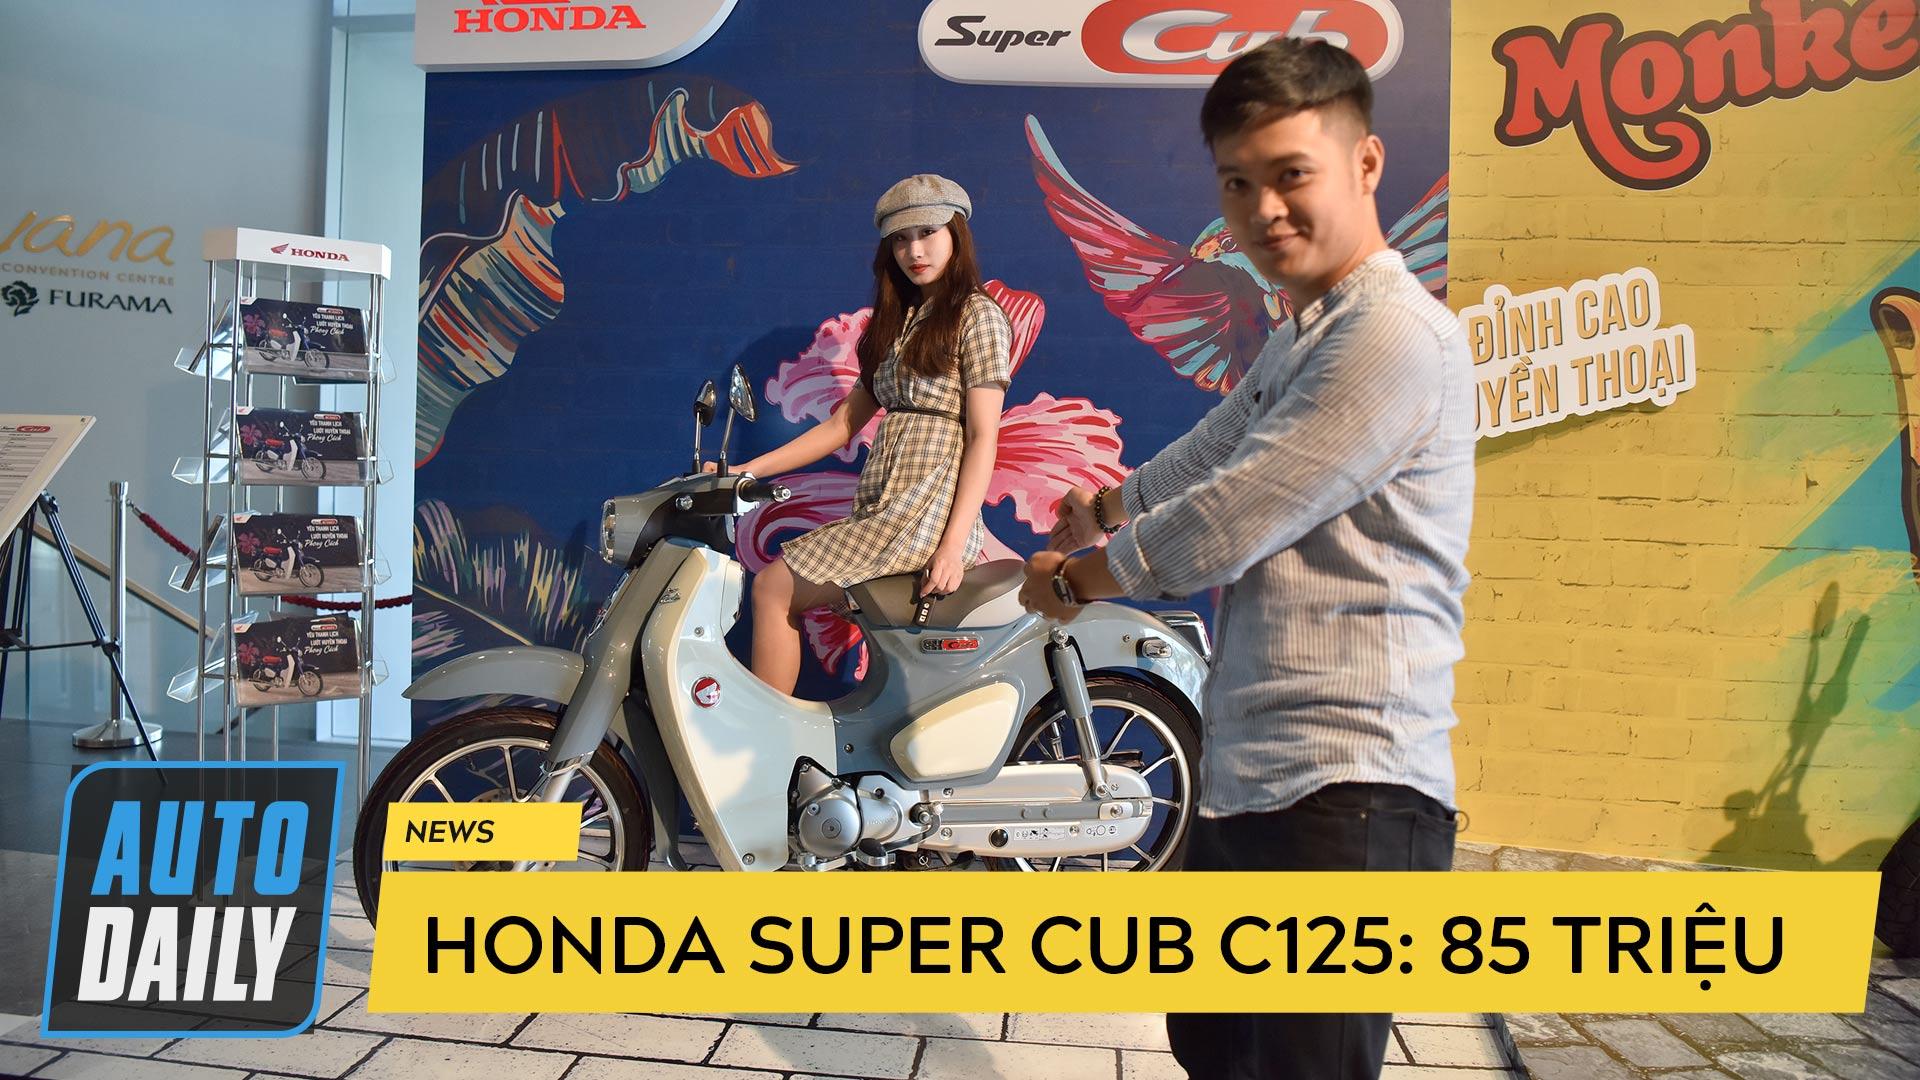 Chi tiết Honda Super Cub C125 giá 85 triệu đồng tại Việt Nam